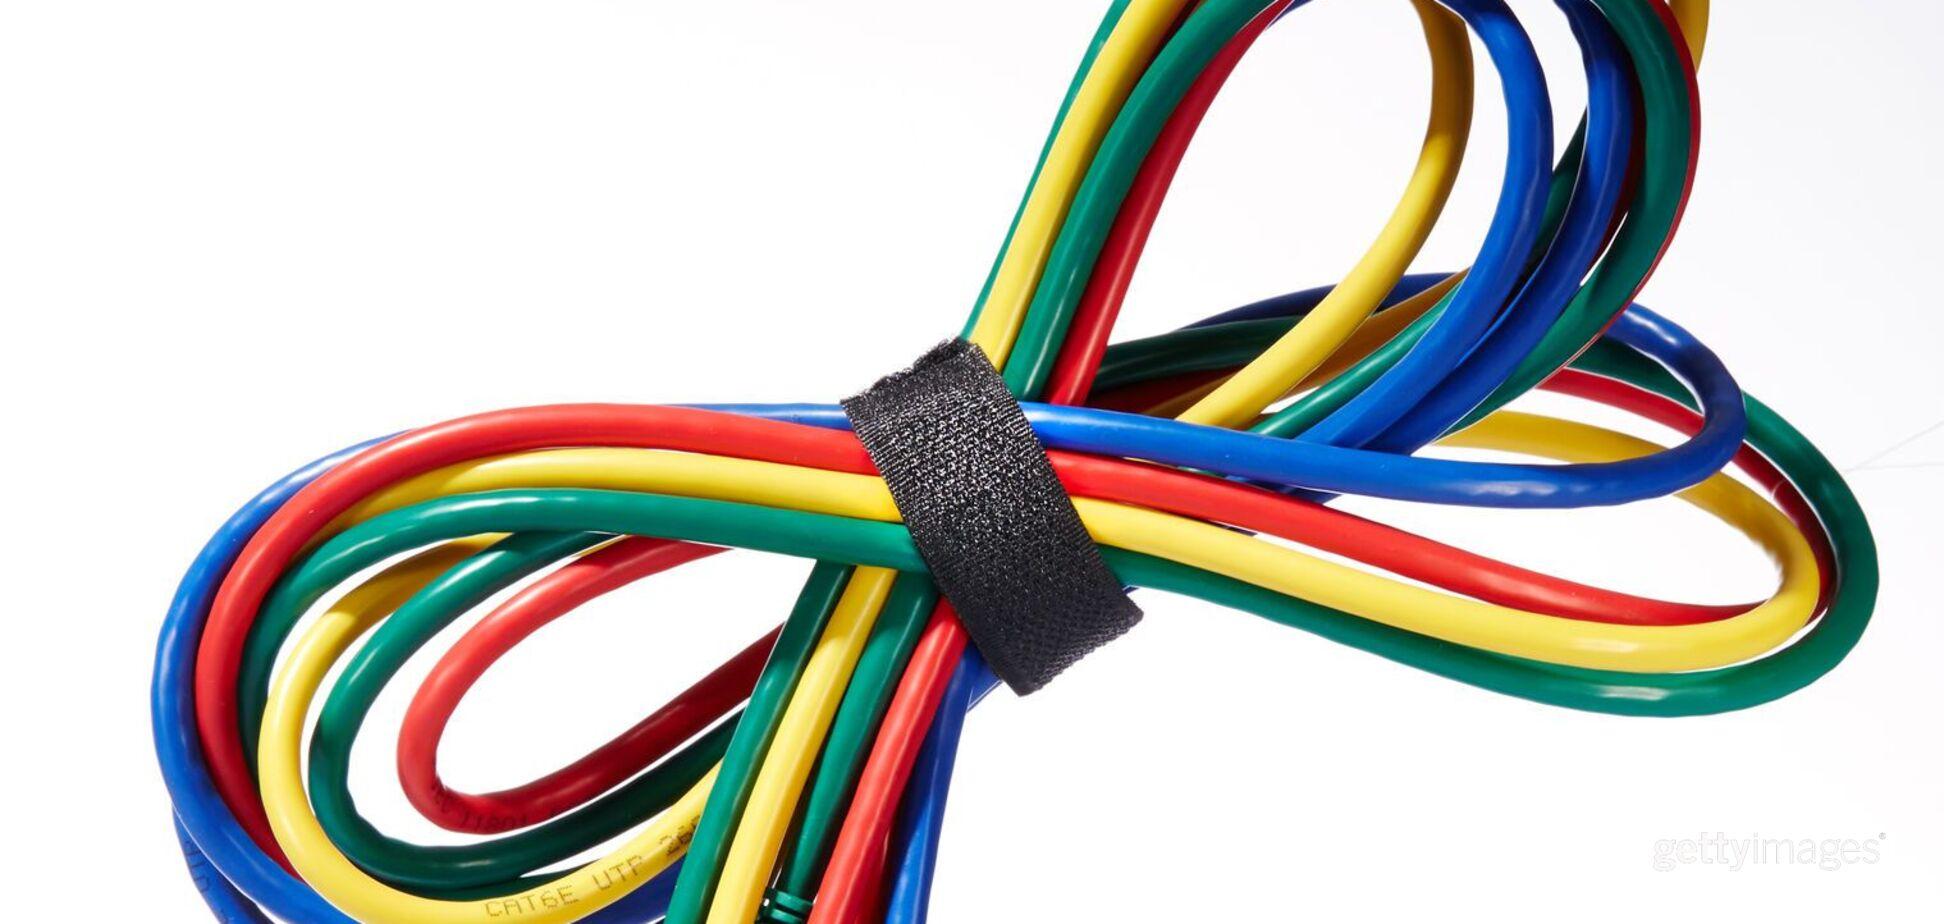 Введення мита на імпорт кабелів негативно позначиться на інвестиціях операторів – експерти